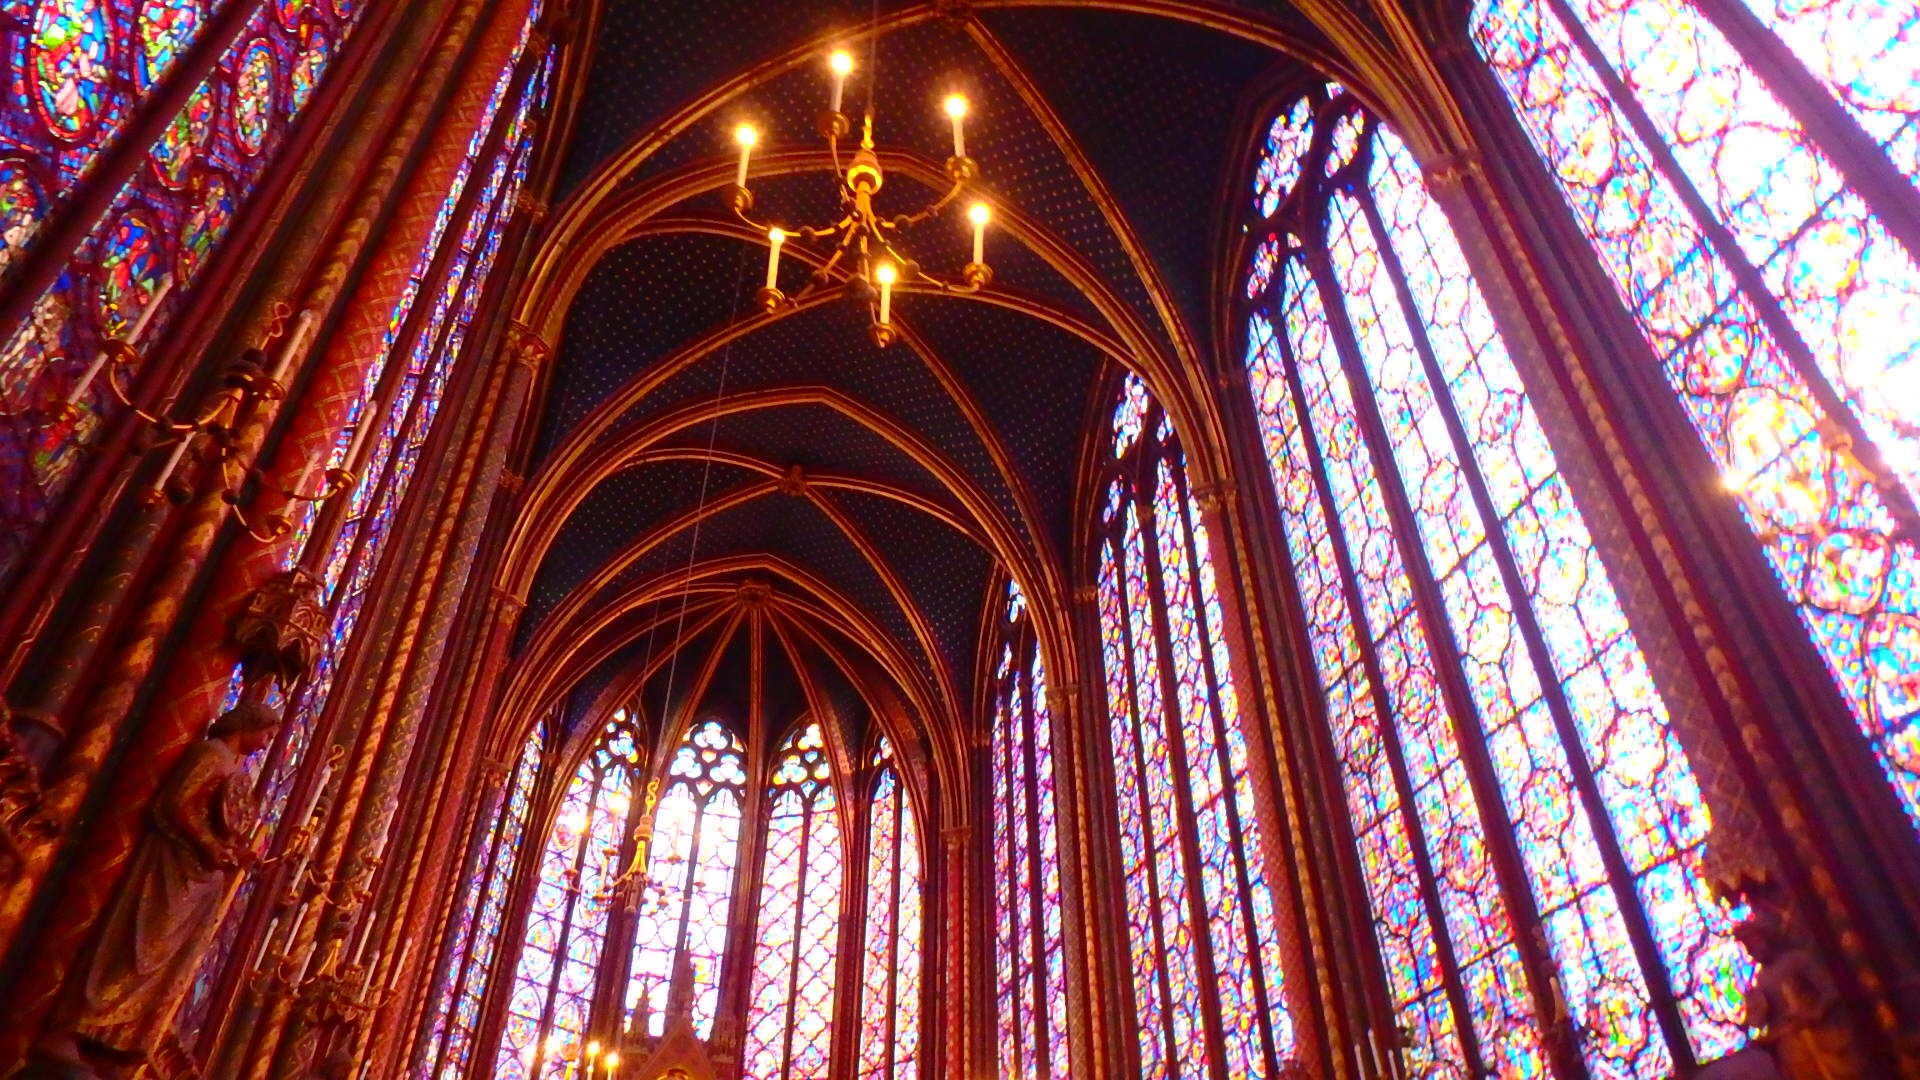 パリで一番綺麗な教会のステンドグラスとシャンデリア